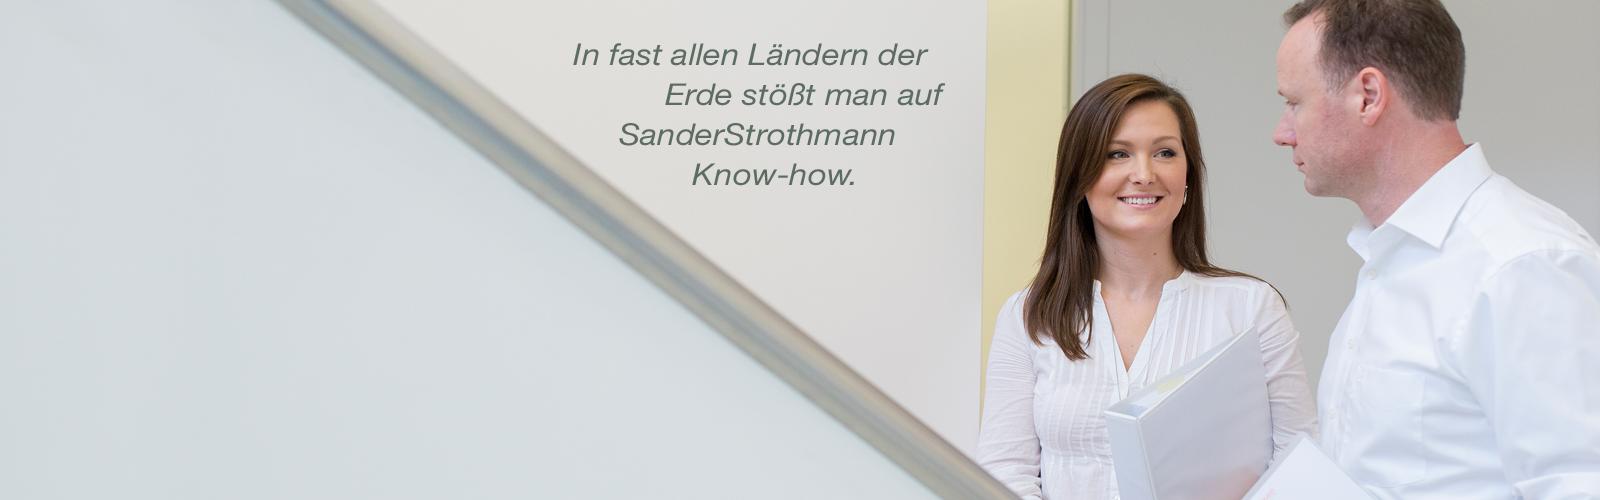 SanderStrothmann-Skills2